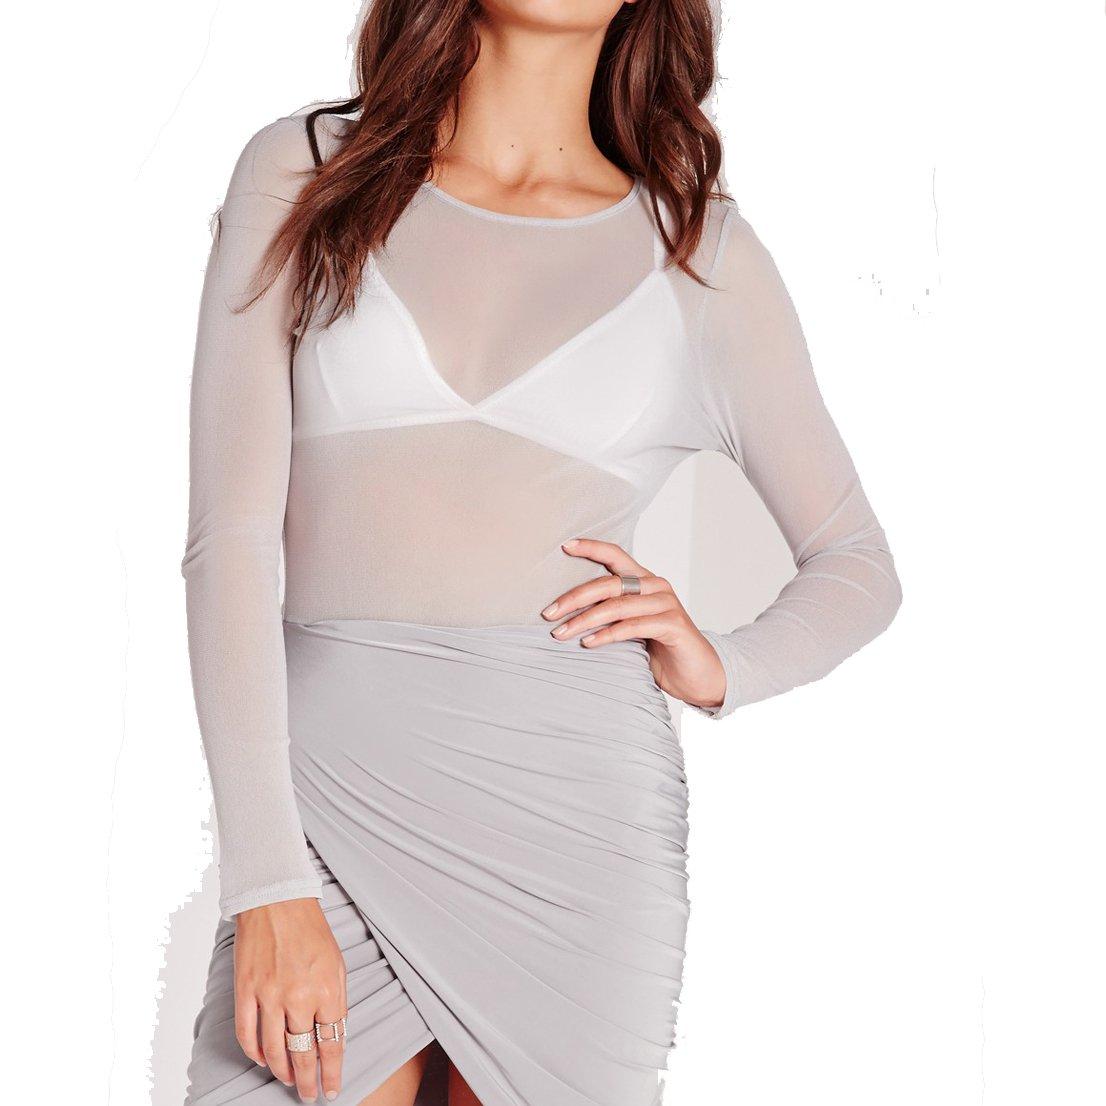 Cheapcotton Women's Mesh Long Sleeve Top